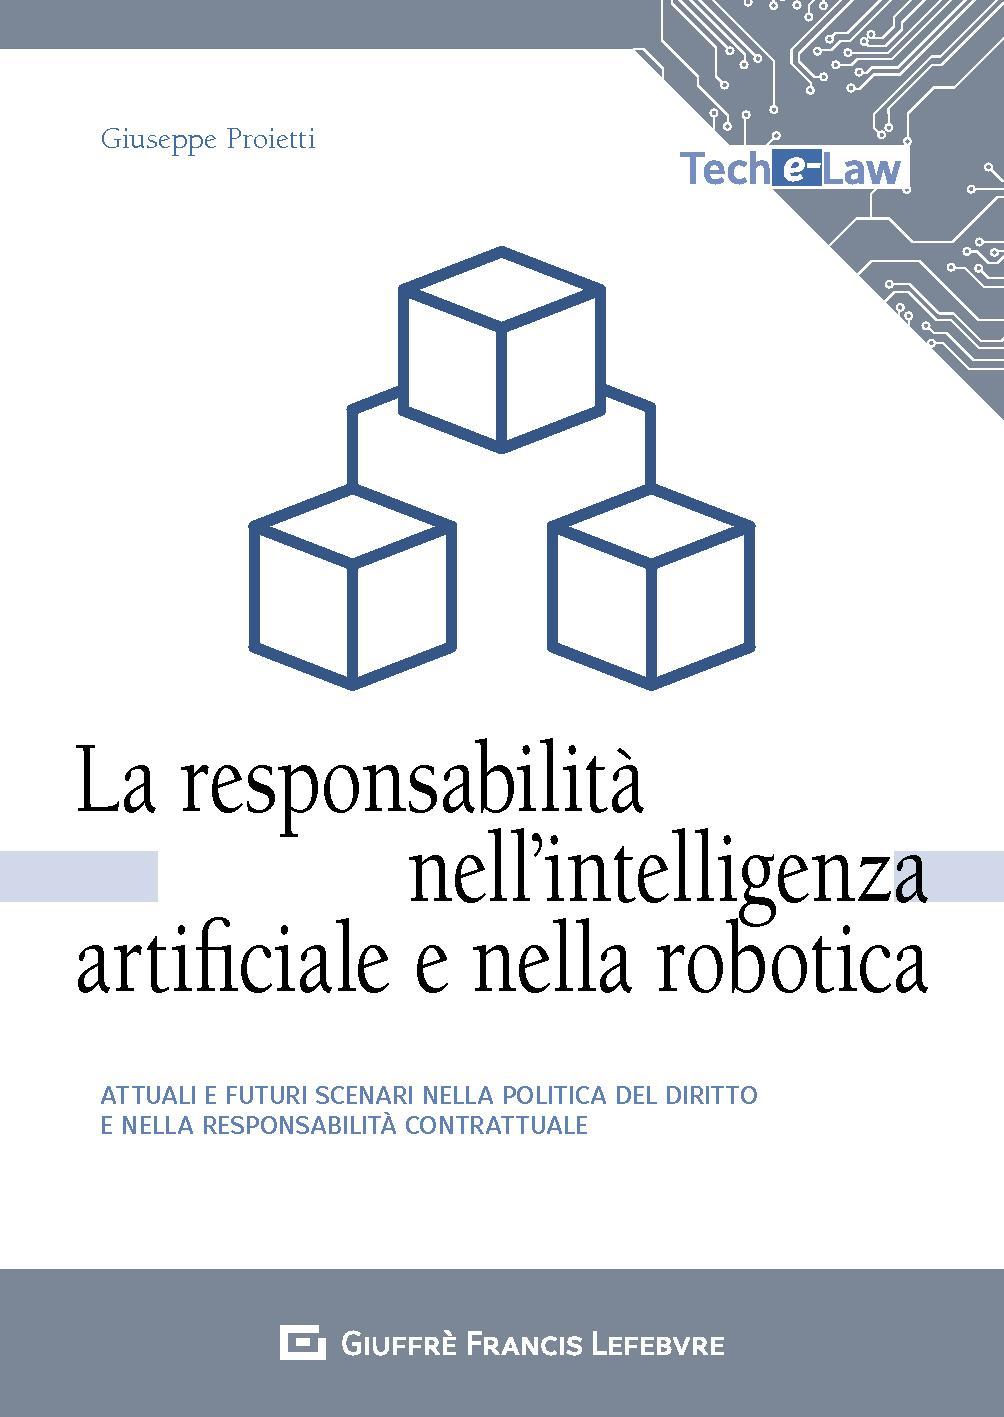 La responsabilità nell'intelligenza artificiale e nella robotica